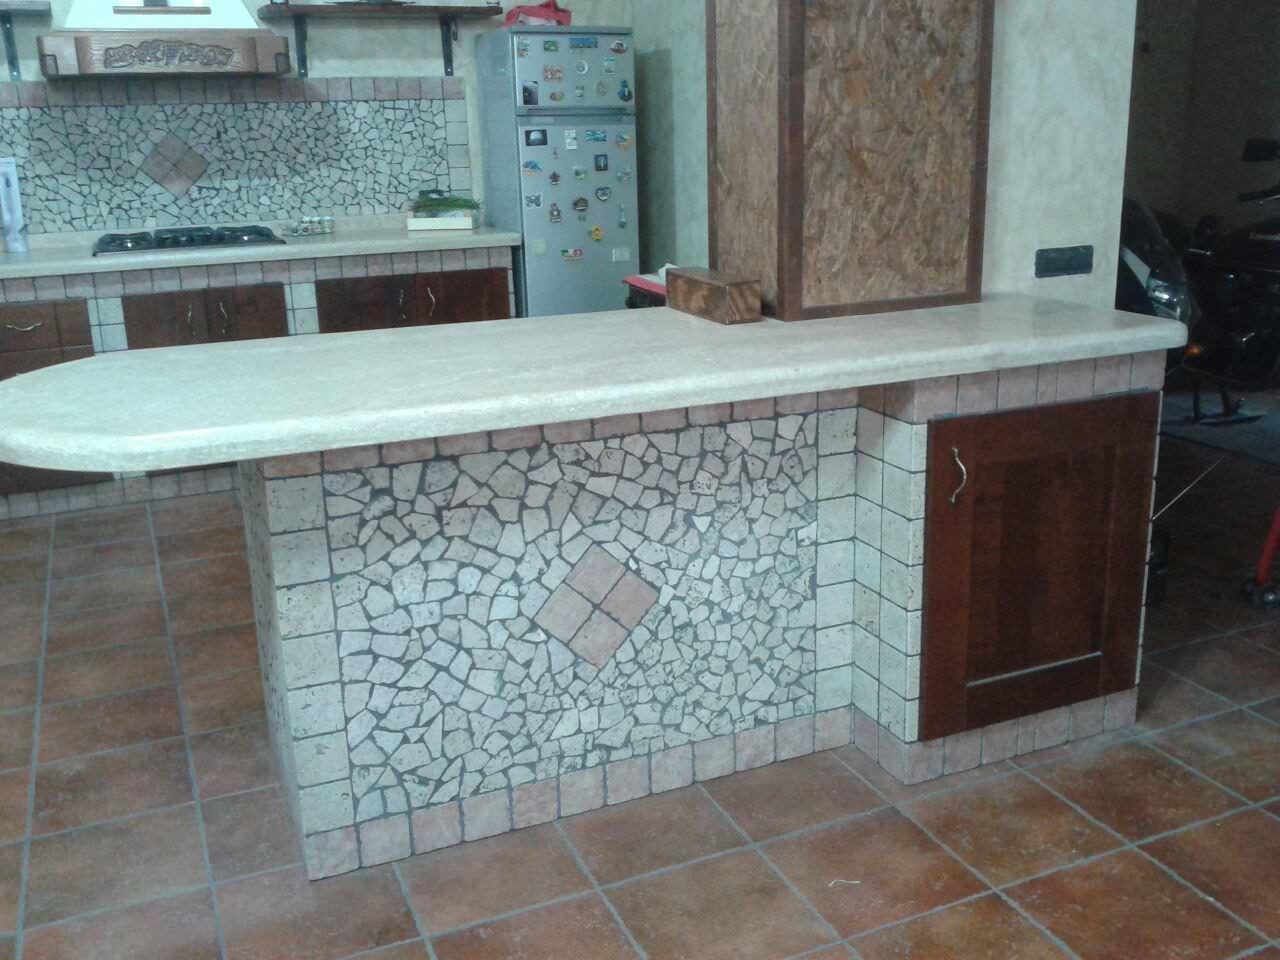 Cucina in muratura costi simple cucina in muratura costi with cucina in muratura costi - Costi cucina in muratura ...